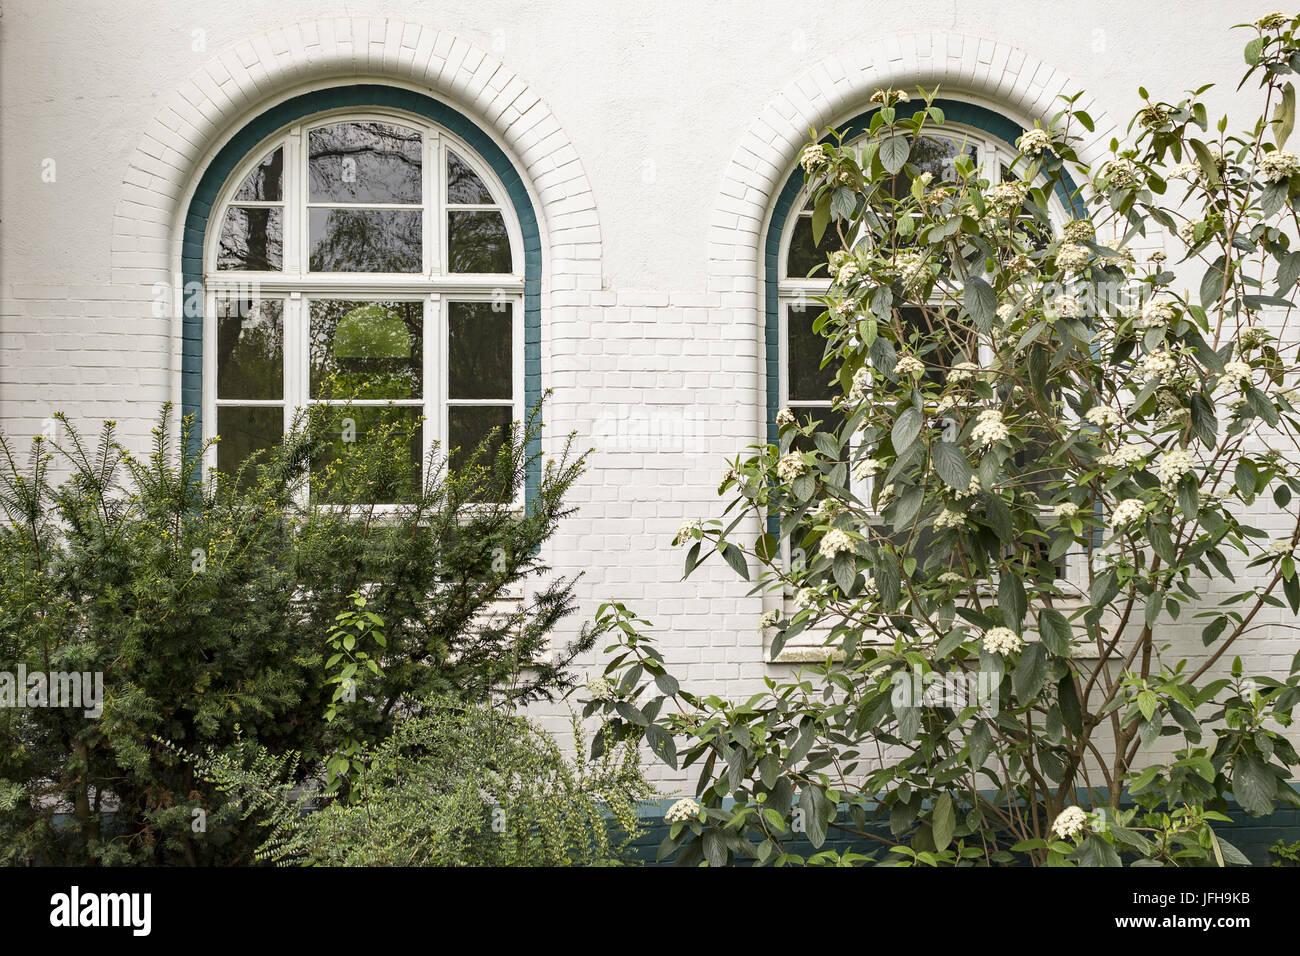 2 nostalgische Windows von Sträuchern abgedeckt Stockbild